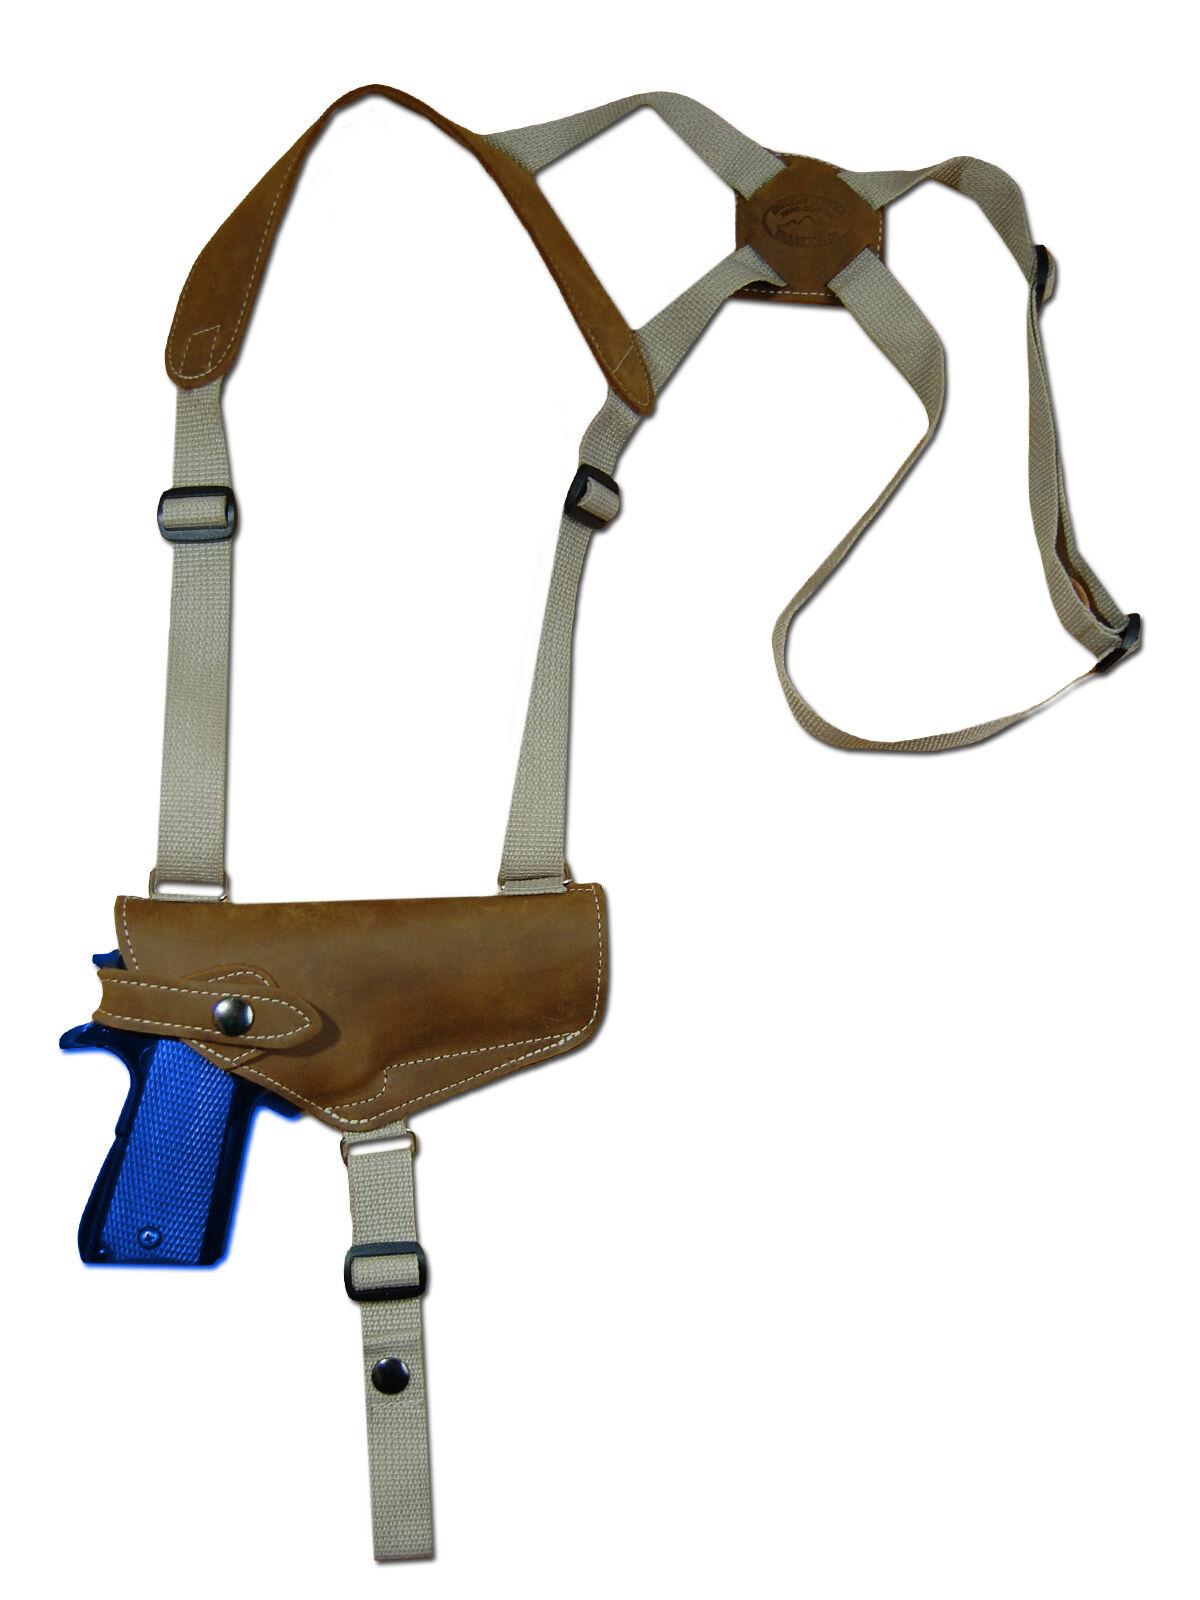 NEW Barsony Olive Drab Leder Shoulder Holster Steyr, Walther Full Größe 9mm HOR